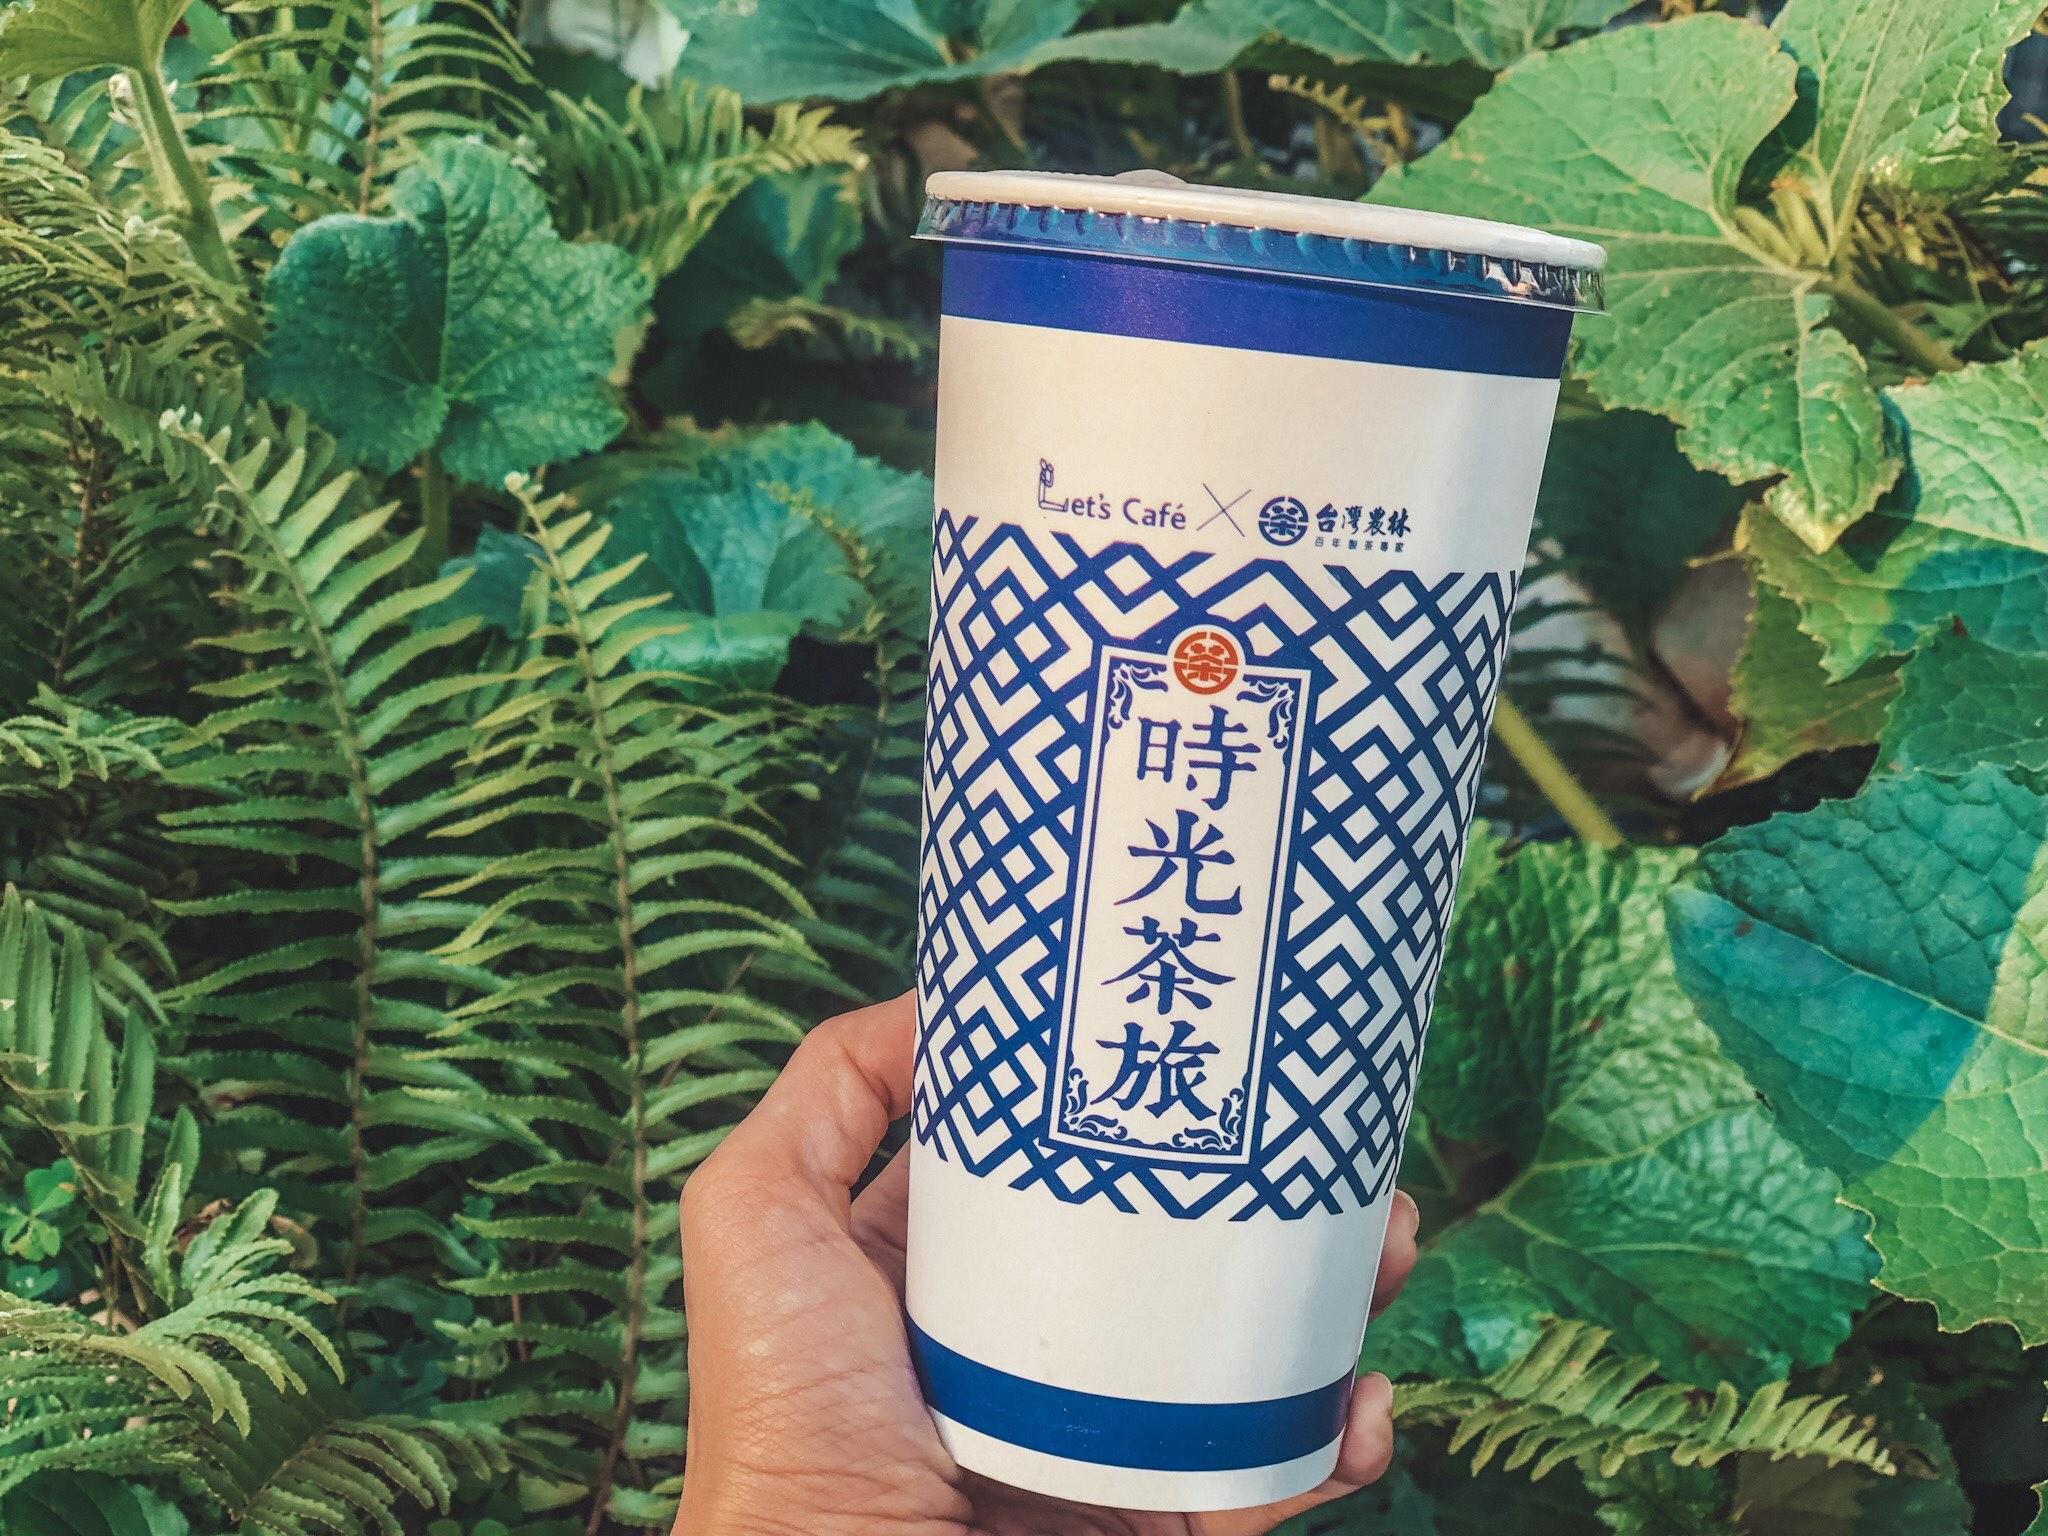 全家便利商店 百年潮味-時光茶旅「仙女紅茶」、「仙女醇奶茶」